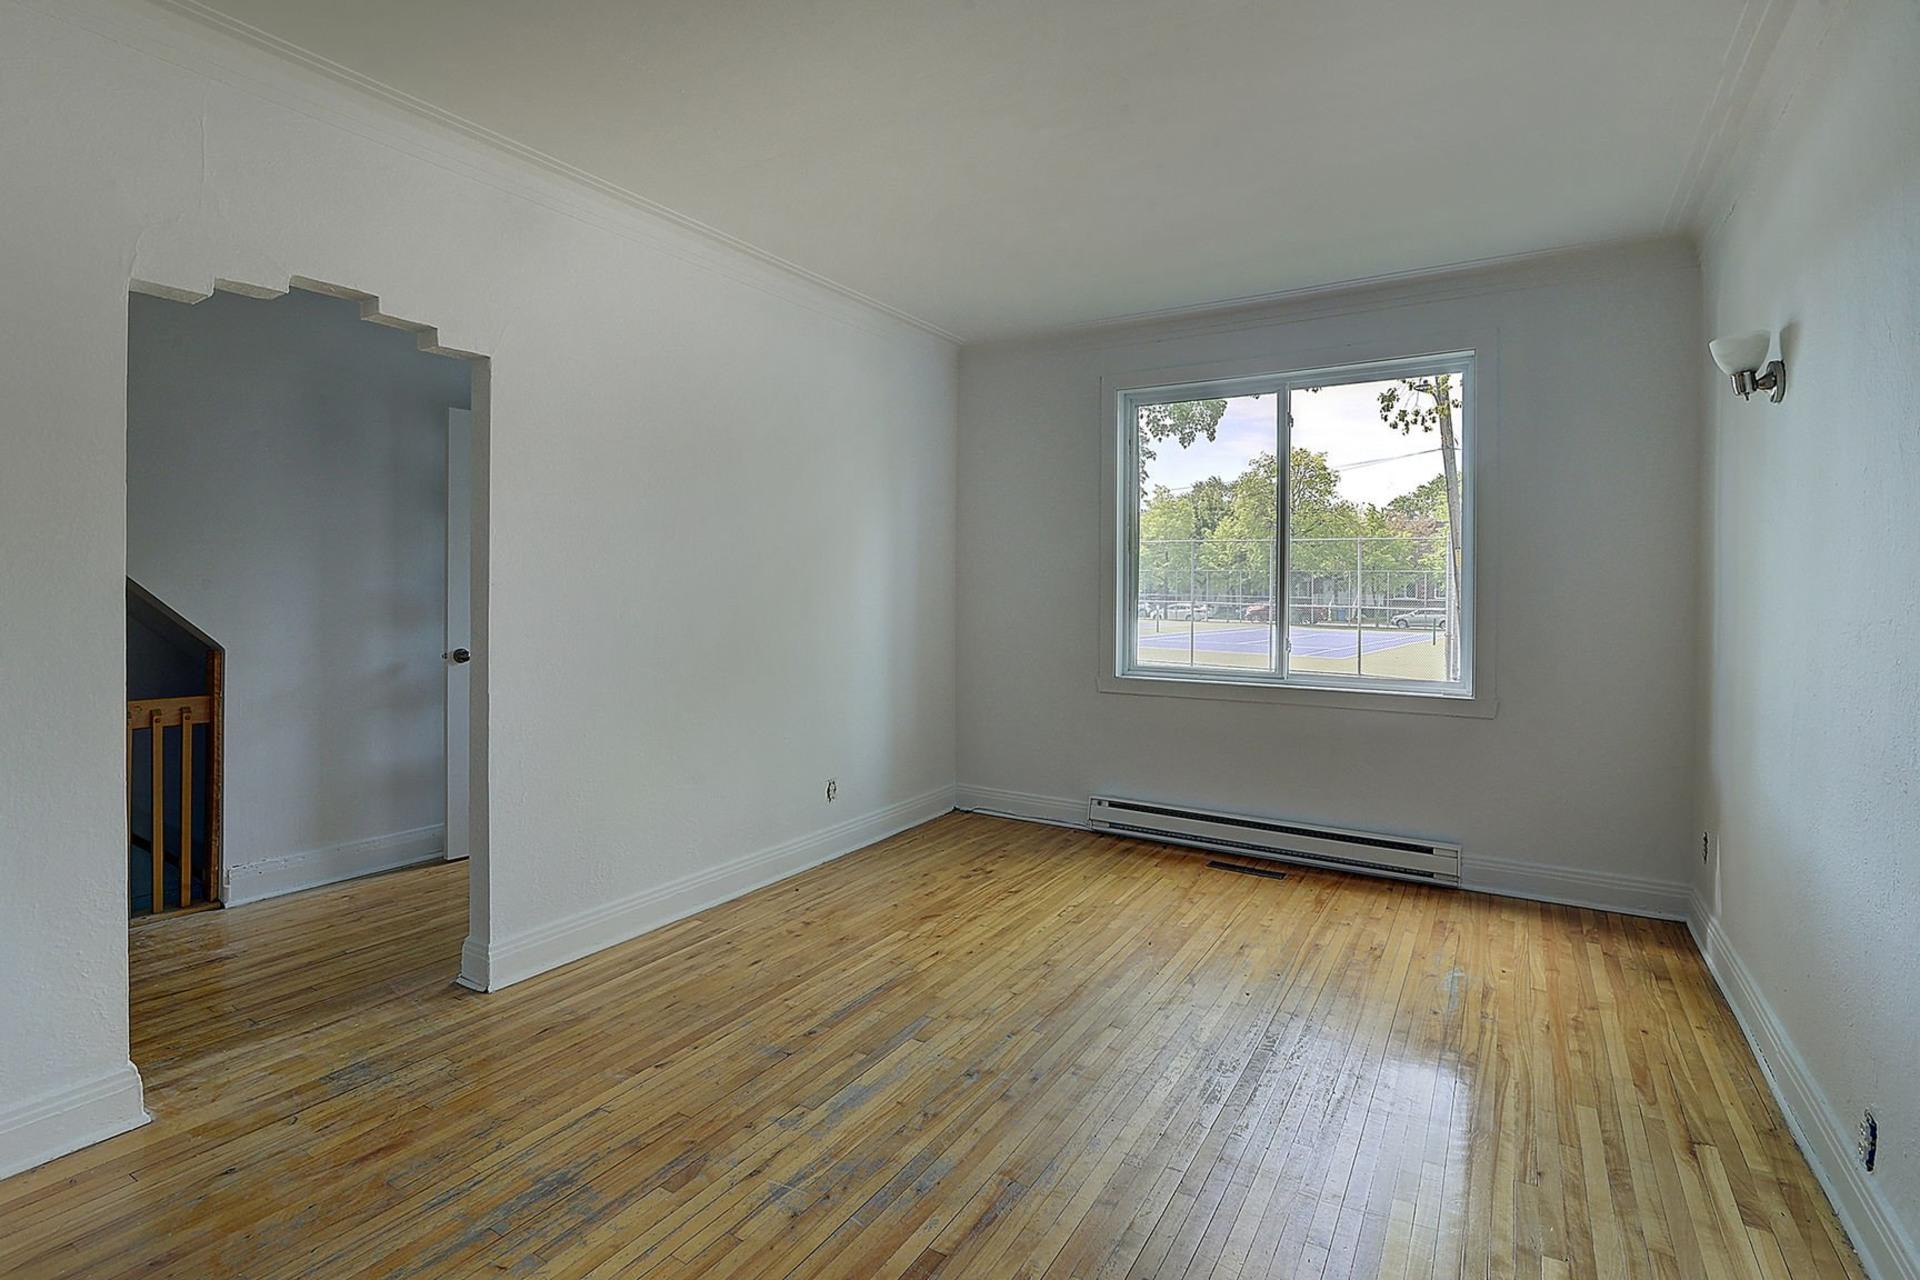 image 5 - Duplex For sale Verdun/Île-des-Soeurs Montréal  - 5 rooms